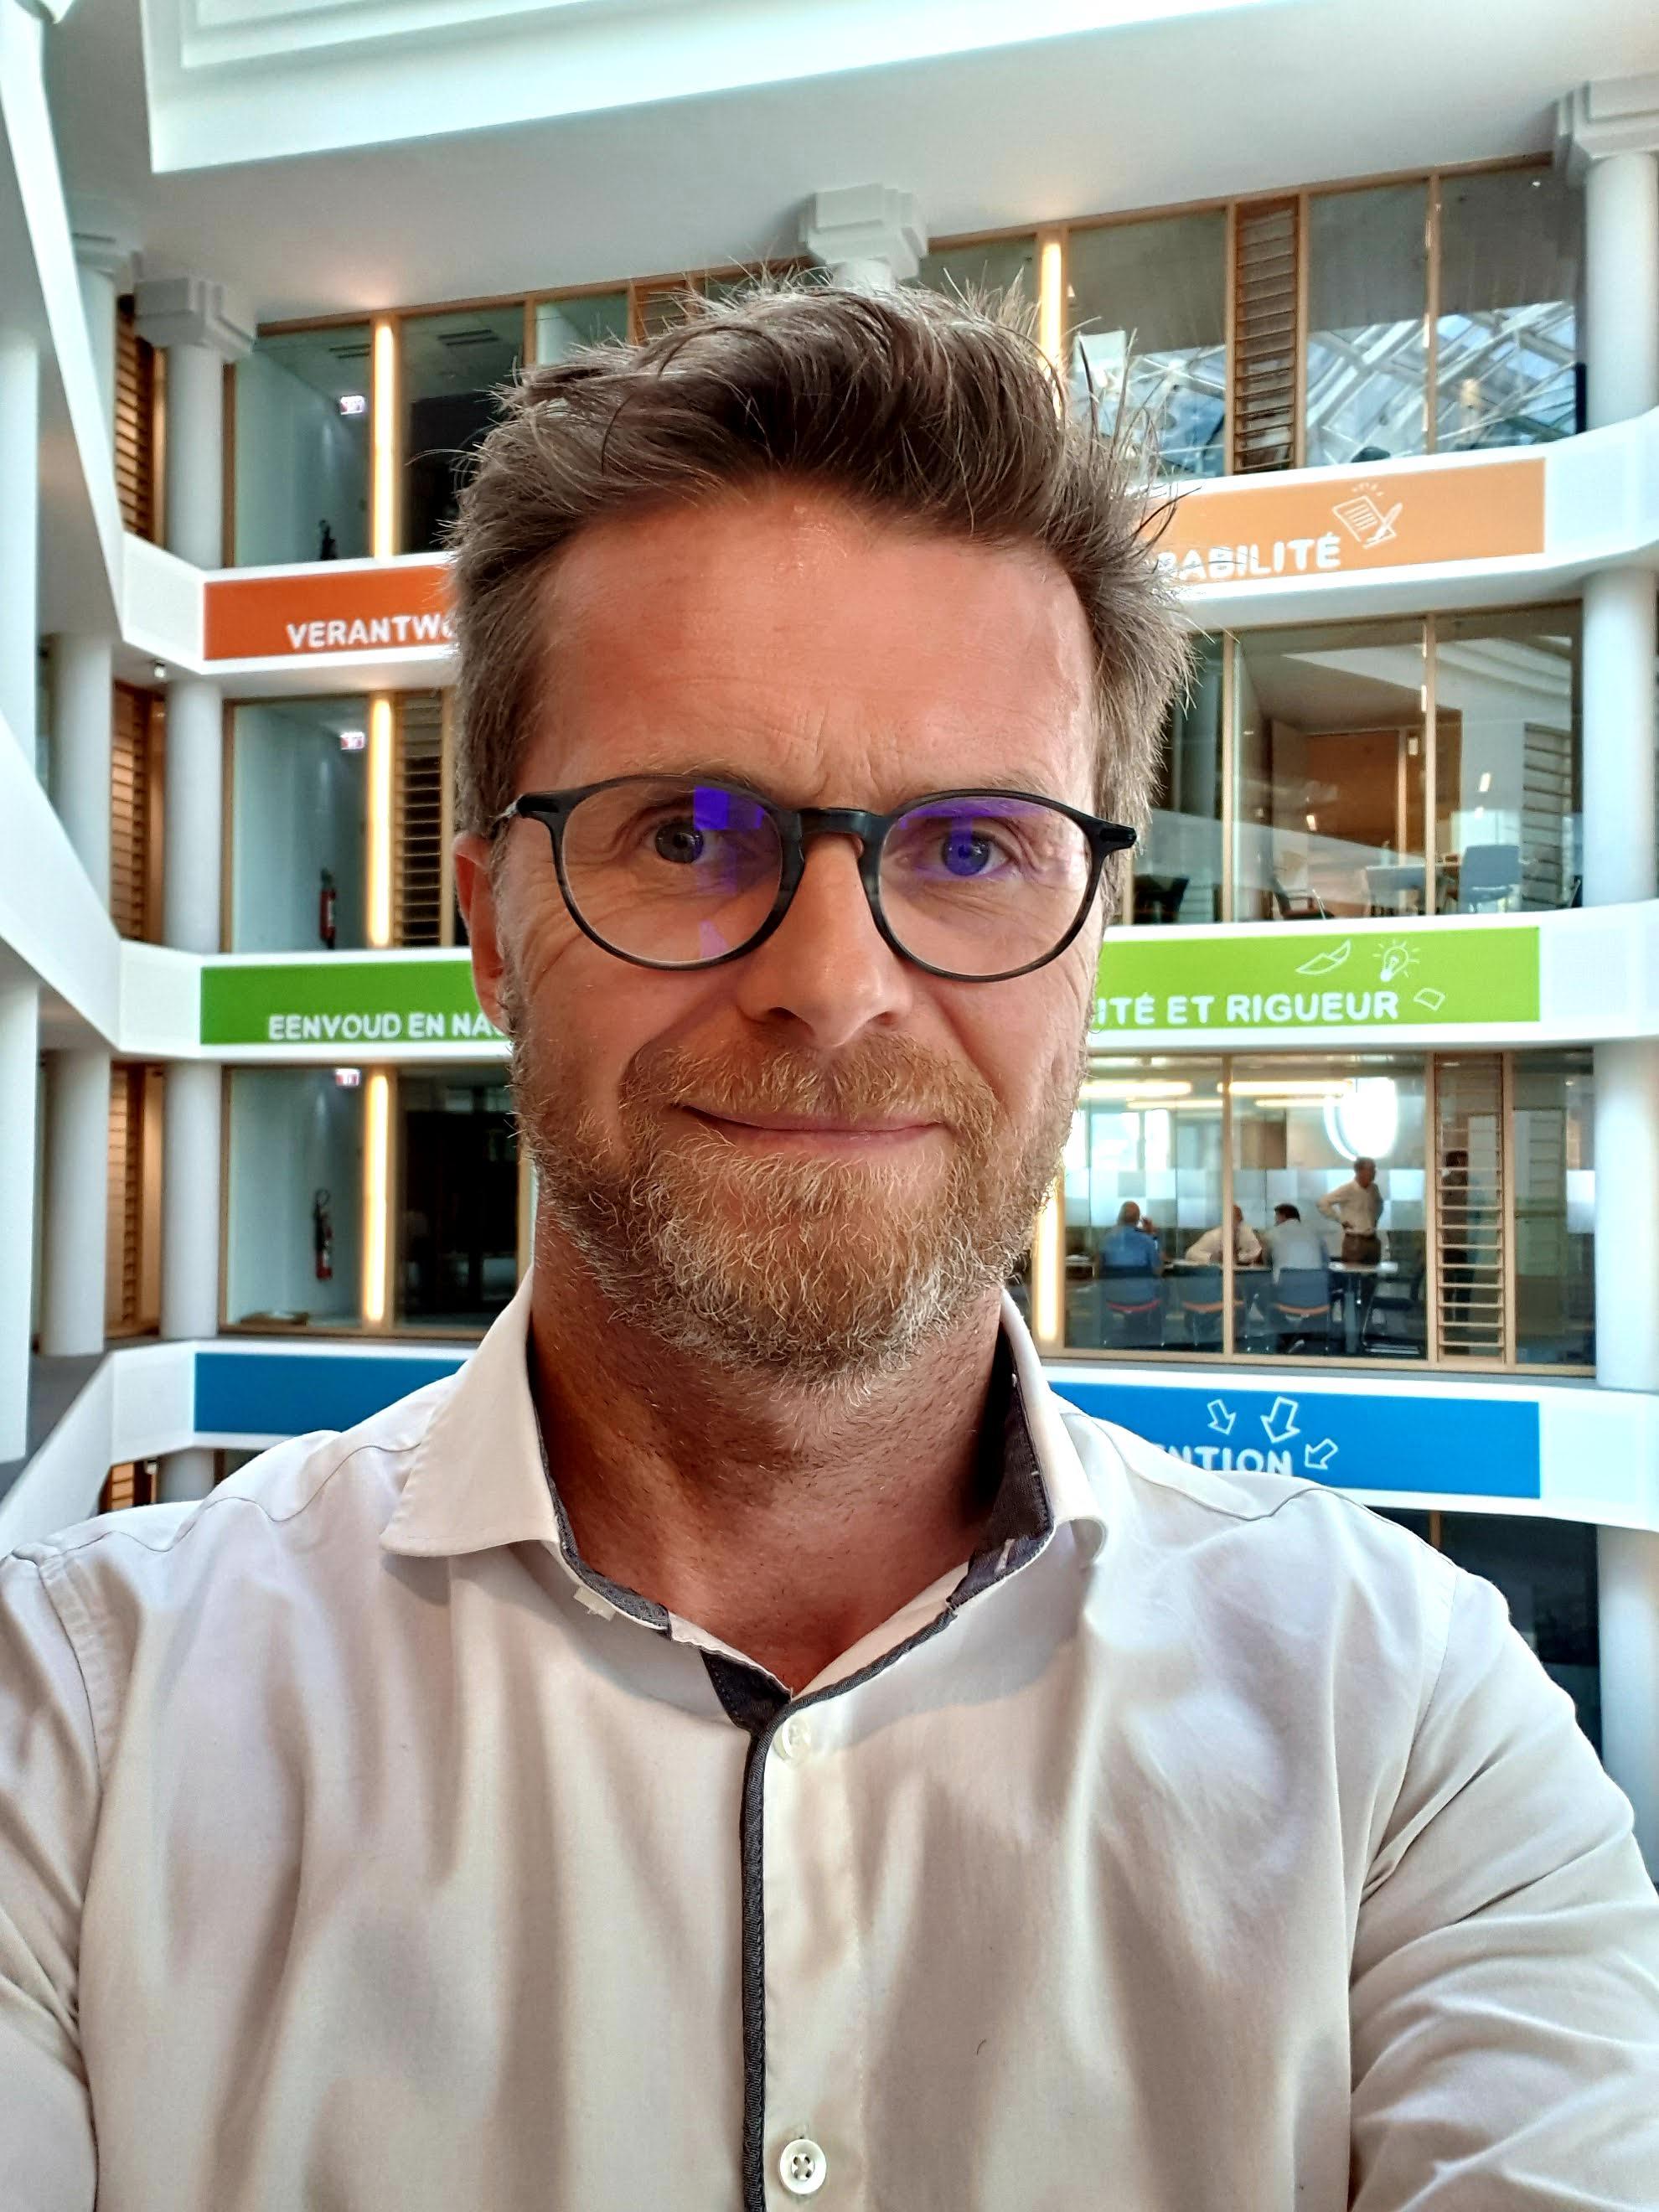 Didier Van Oosthuyse